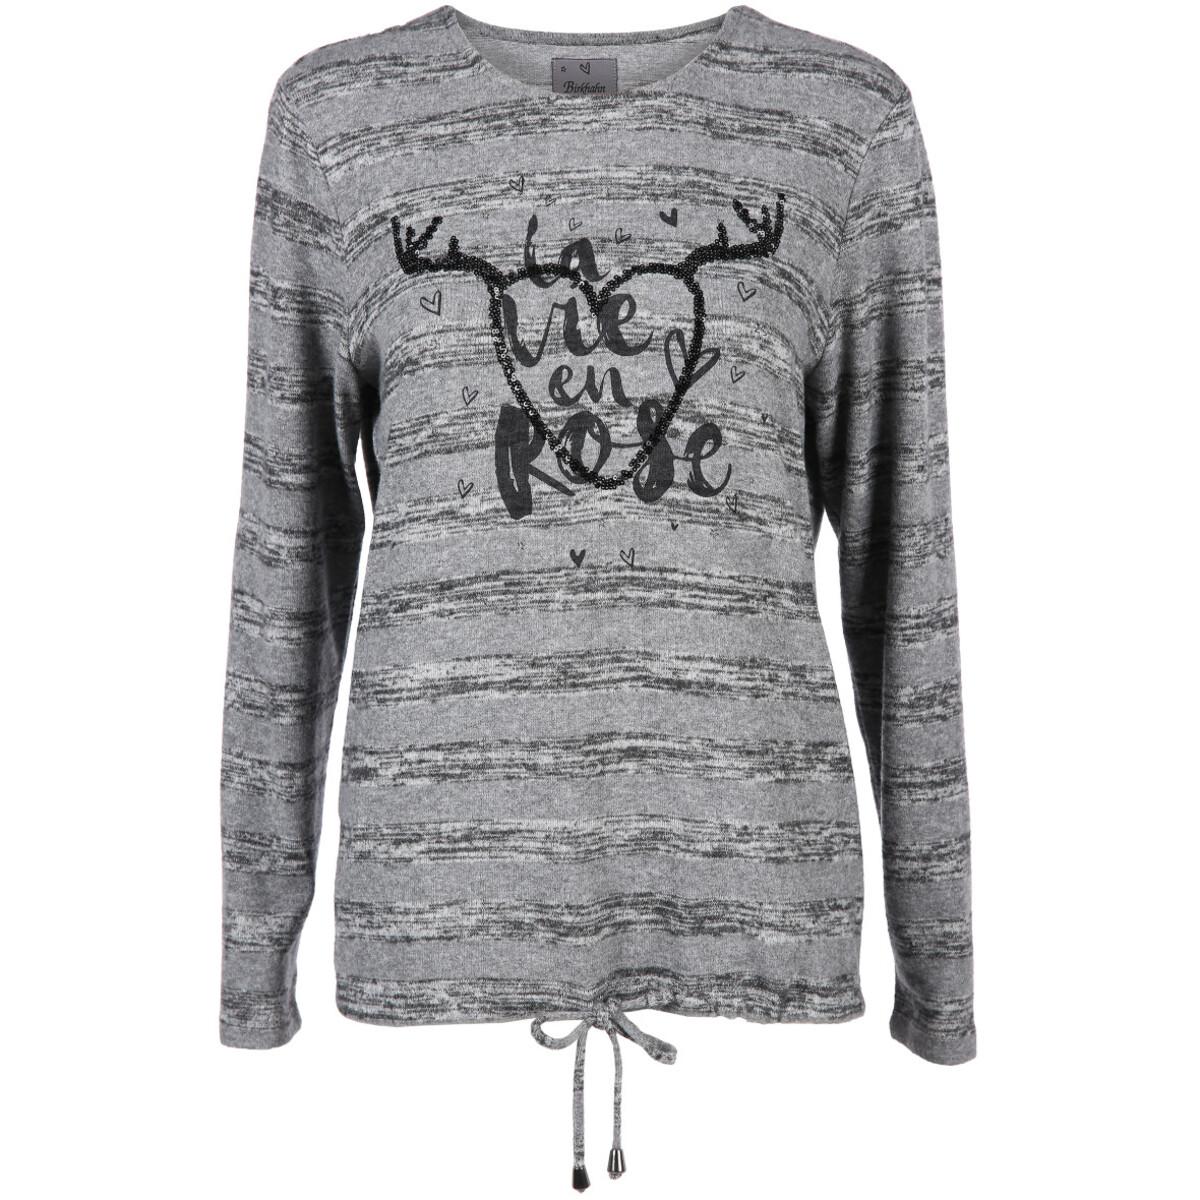 Bild 1 von Damen Shirt mit Pailletten Print Motiv